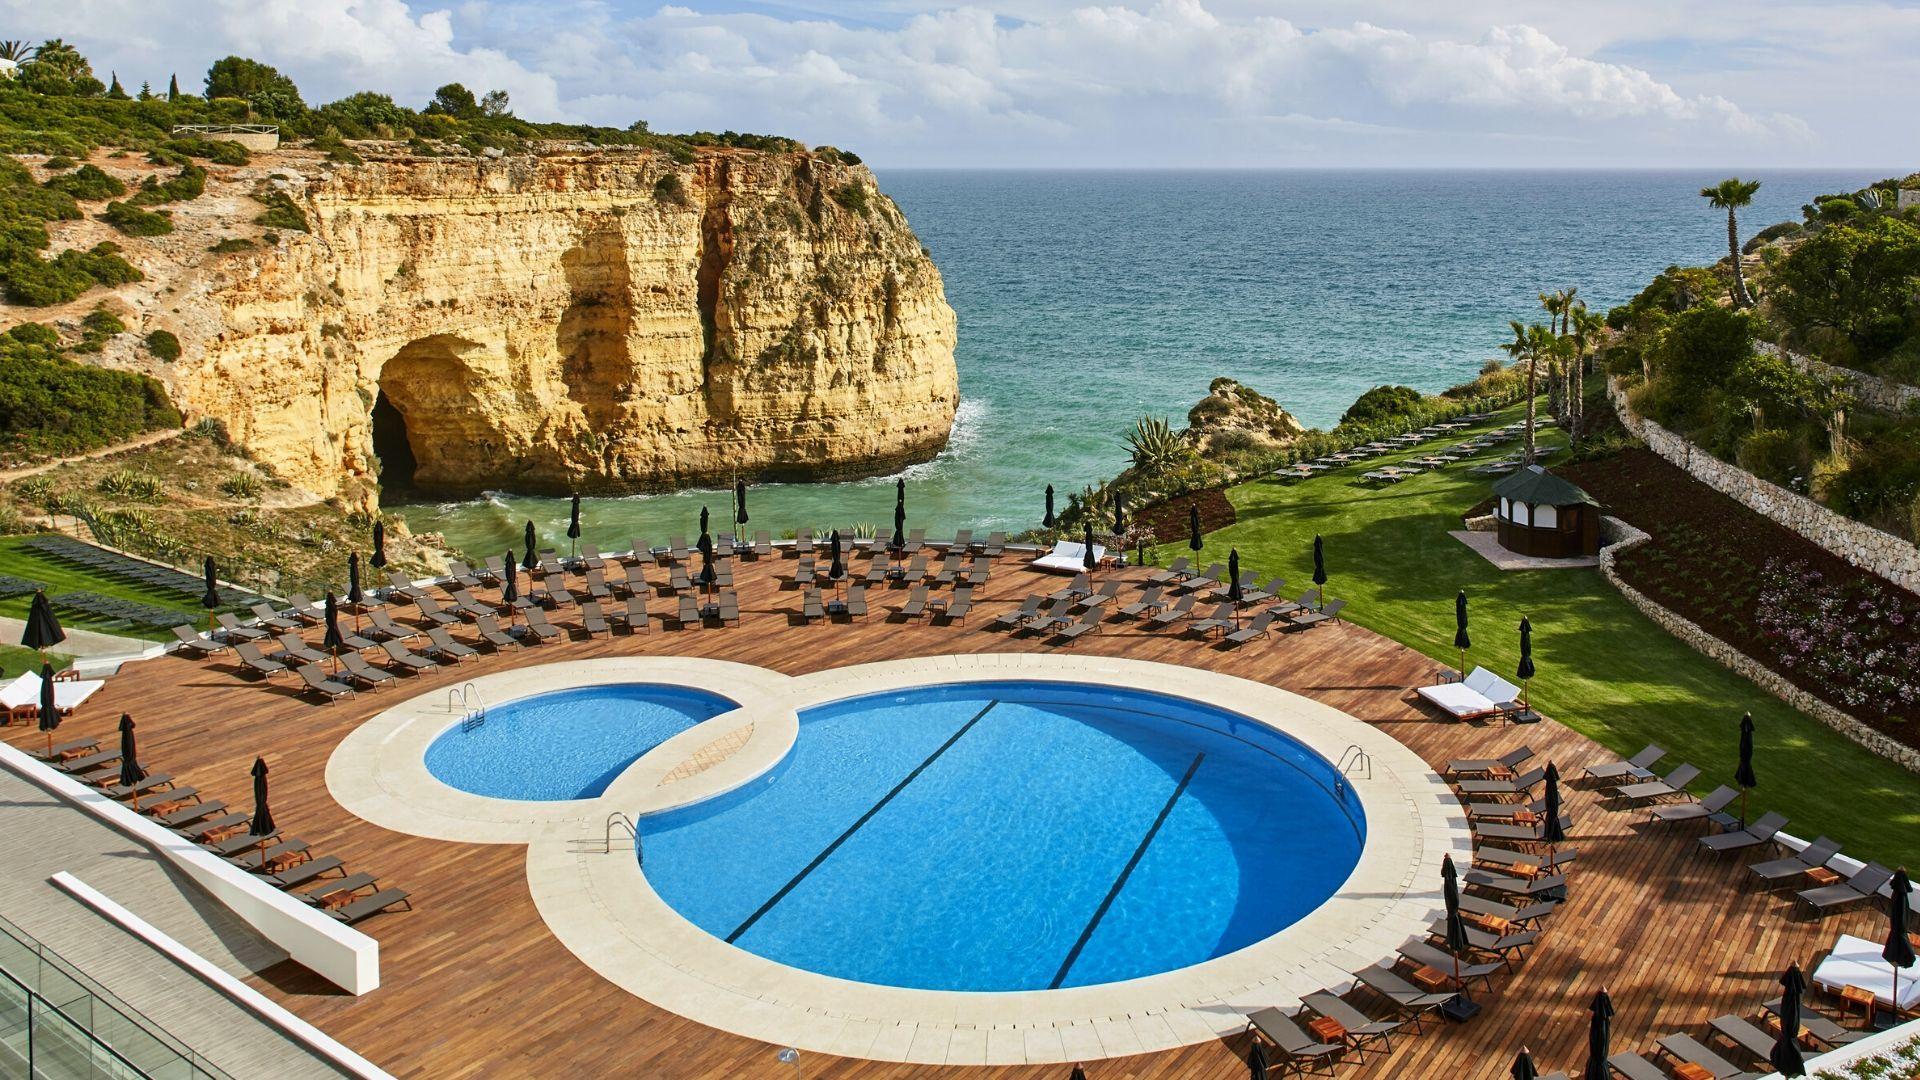 The Escape   Tivoli Carvoeiro Algarve Resort, Portugal